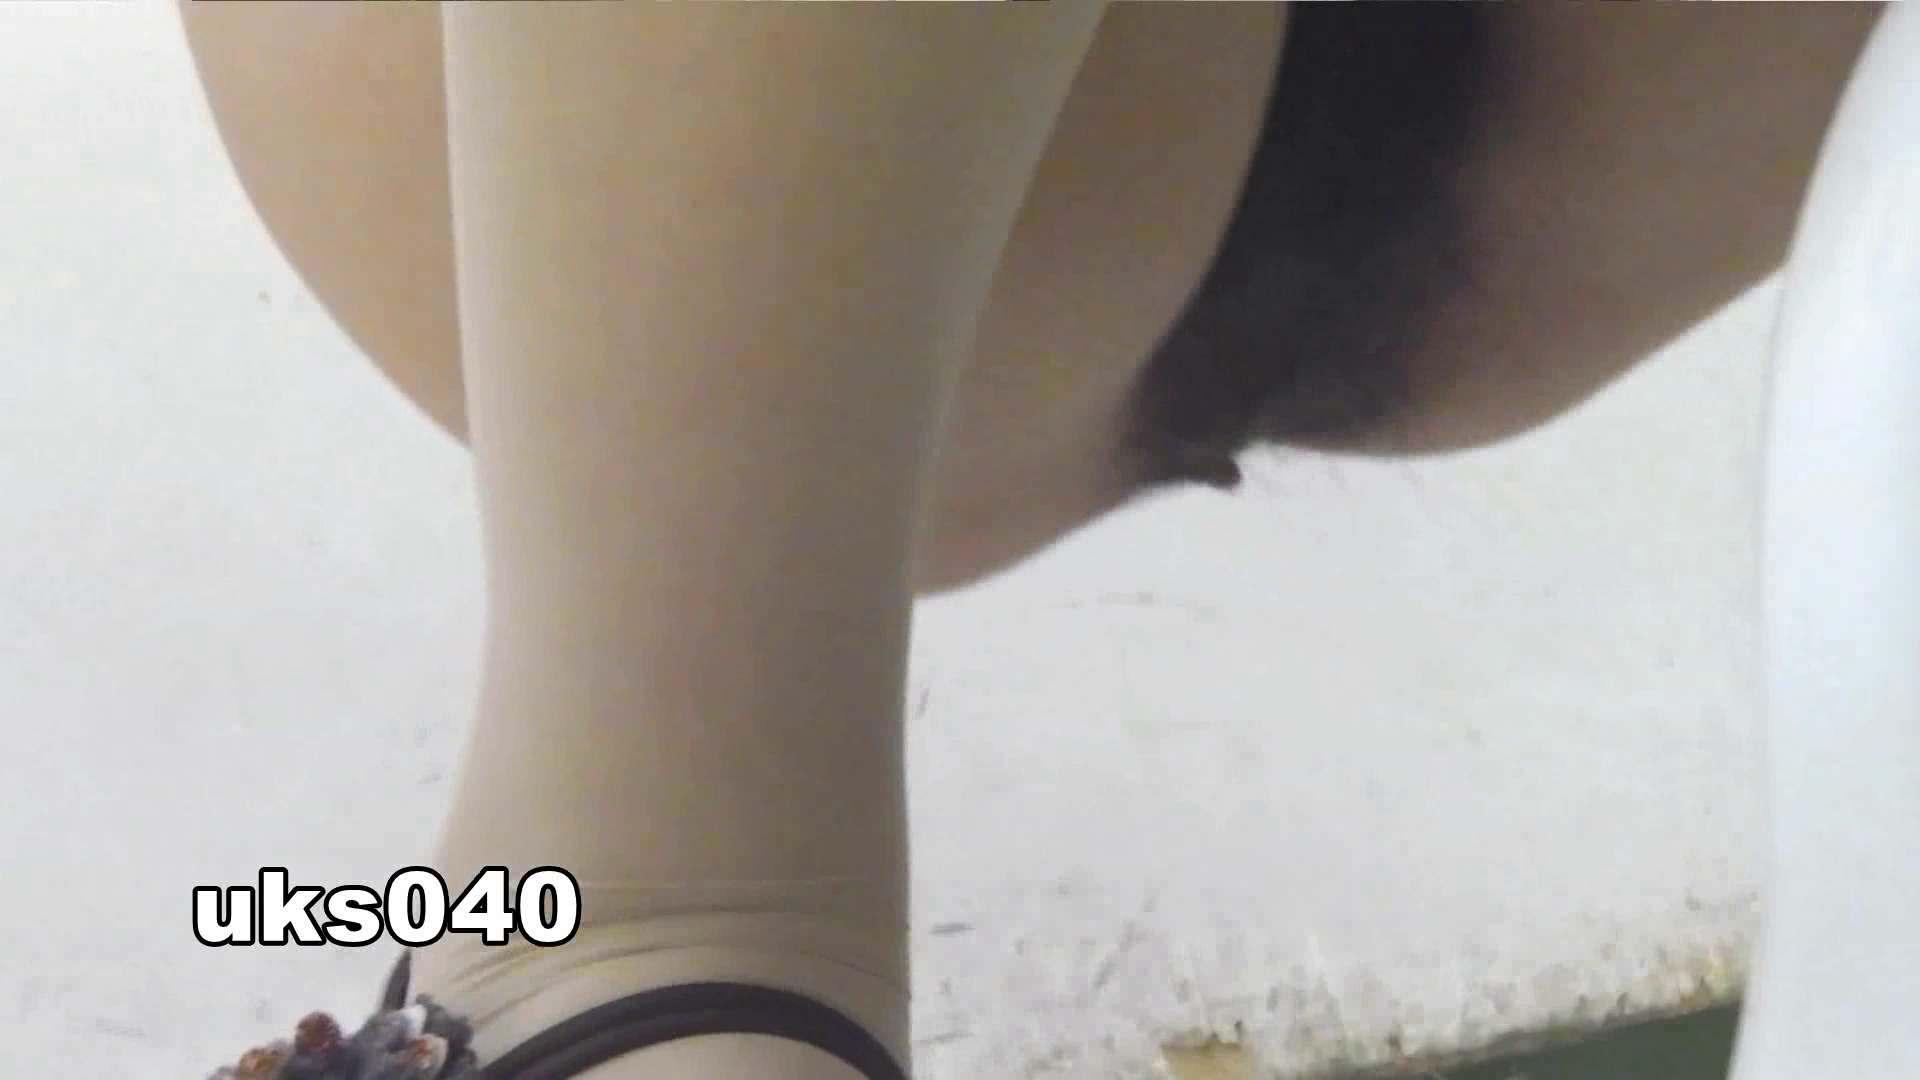 【美しき個室な世界】 vol.040 出て行かれる時の清楚姿撮り 洗面所シーン 濡れ場動画紹介 101画像 17